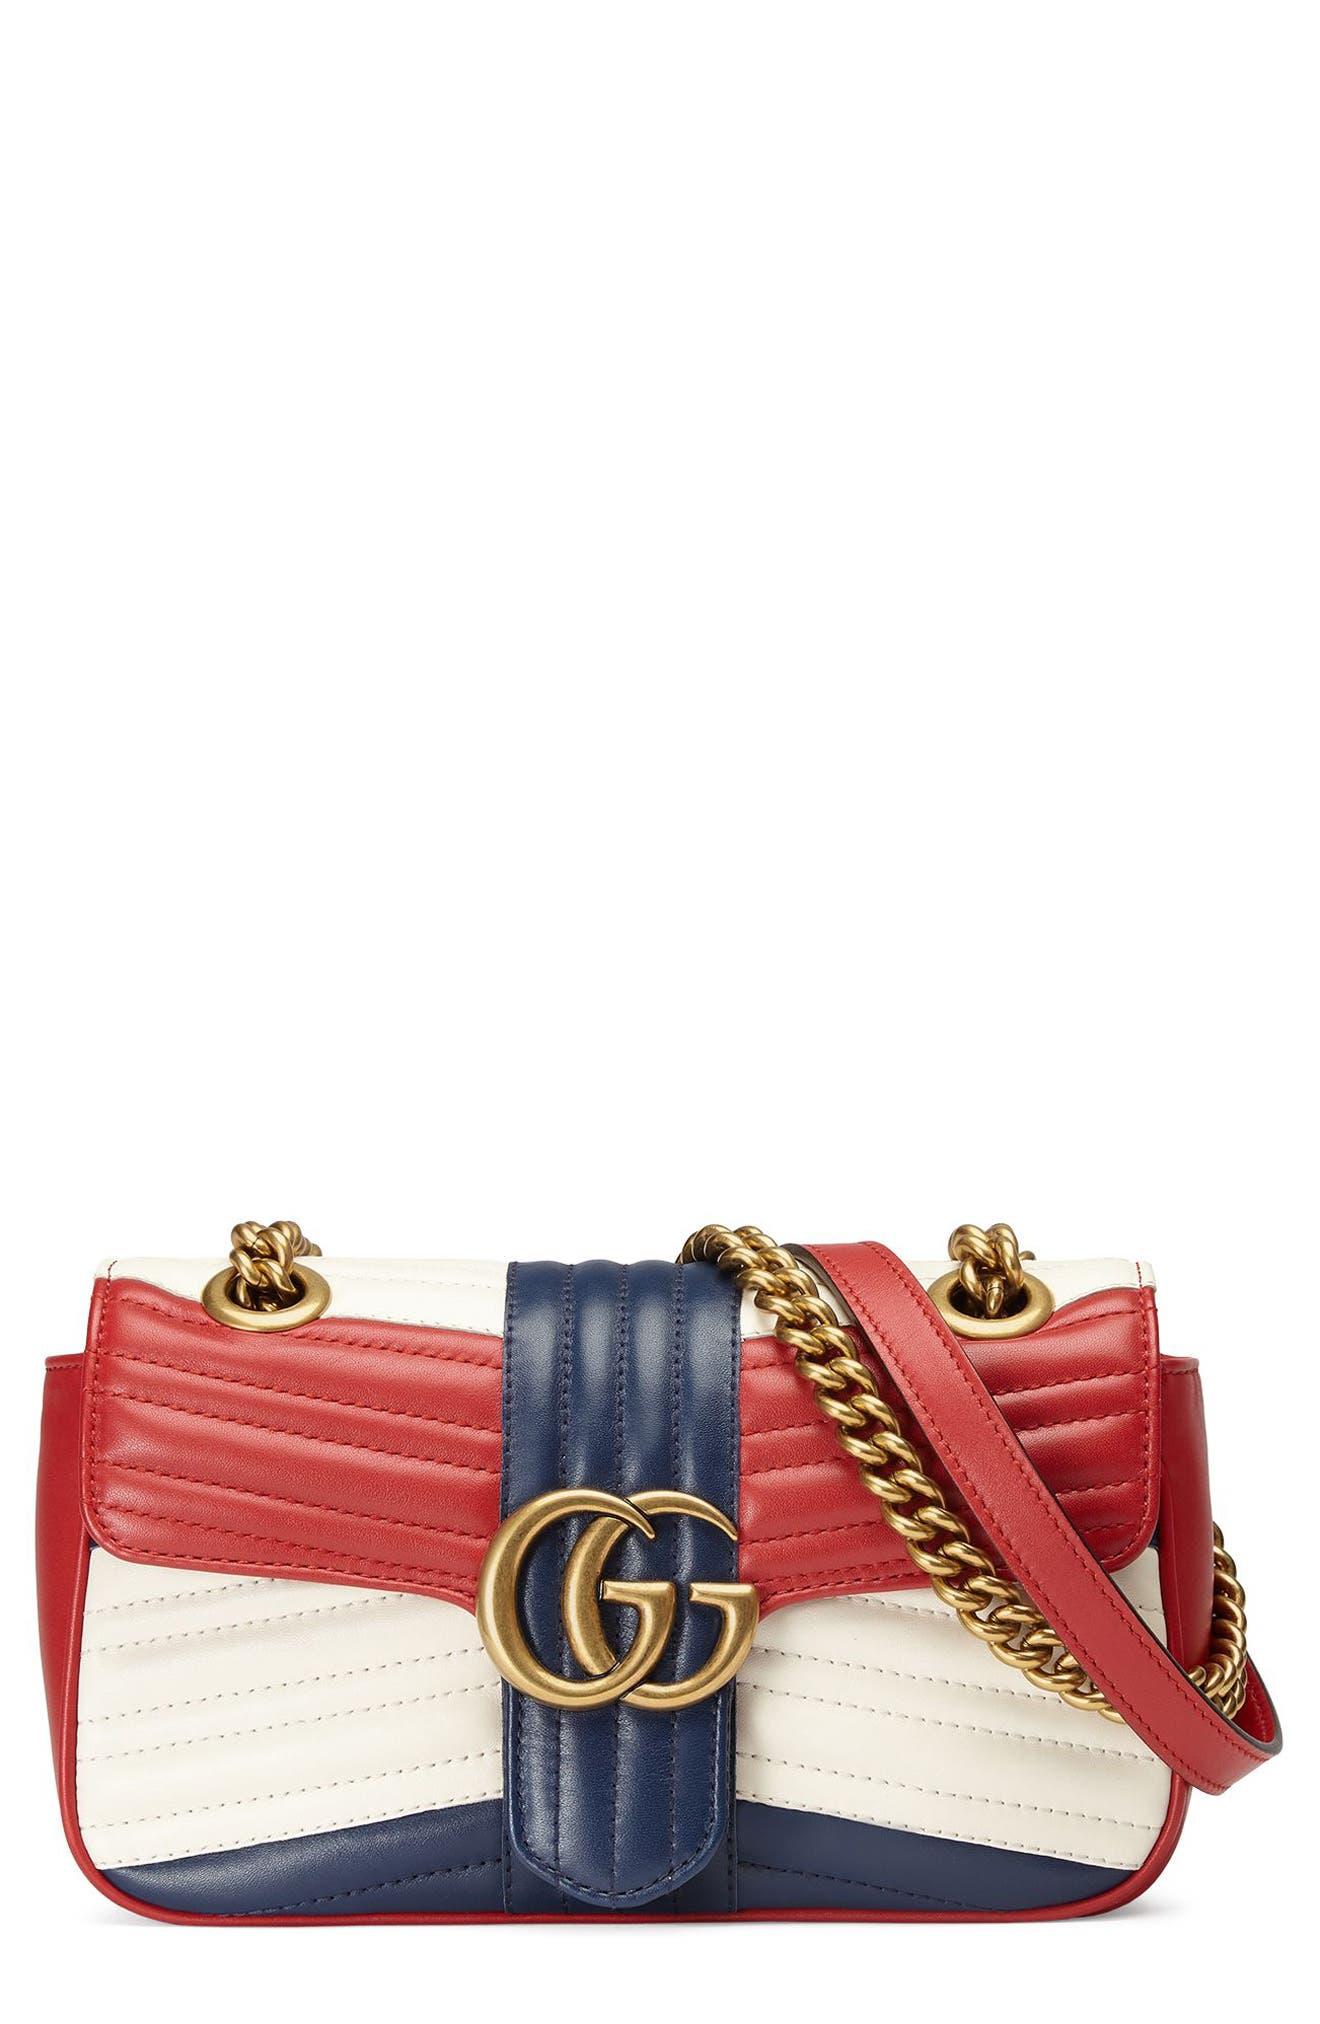 GUCCI Mini GG Marmont 2.0 Tricolor Matelassé Leather Shoulder Bag